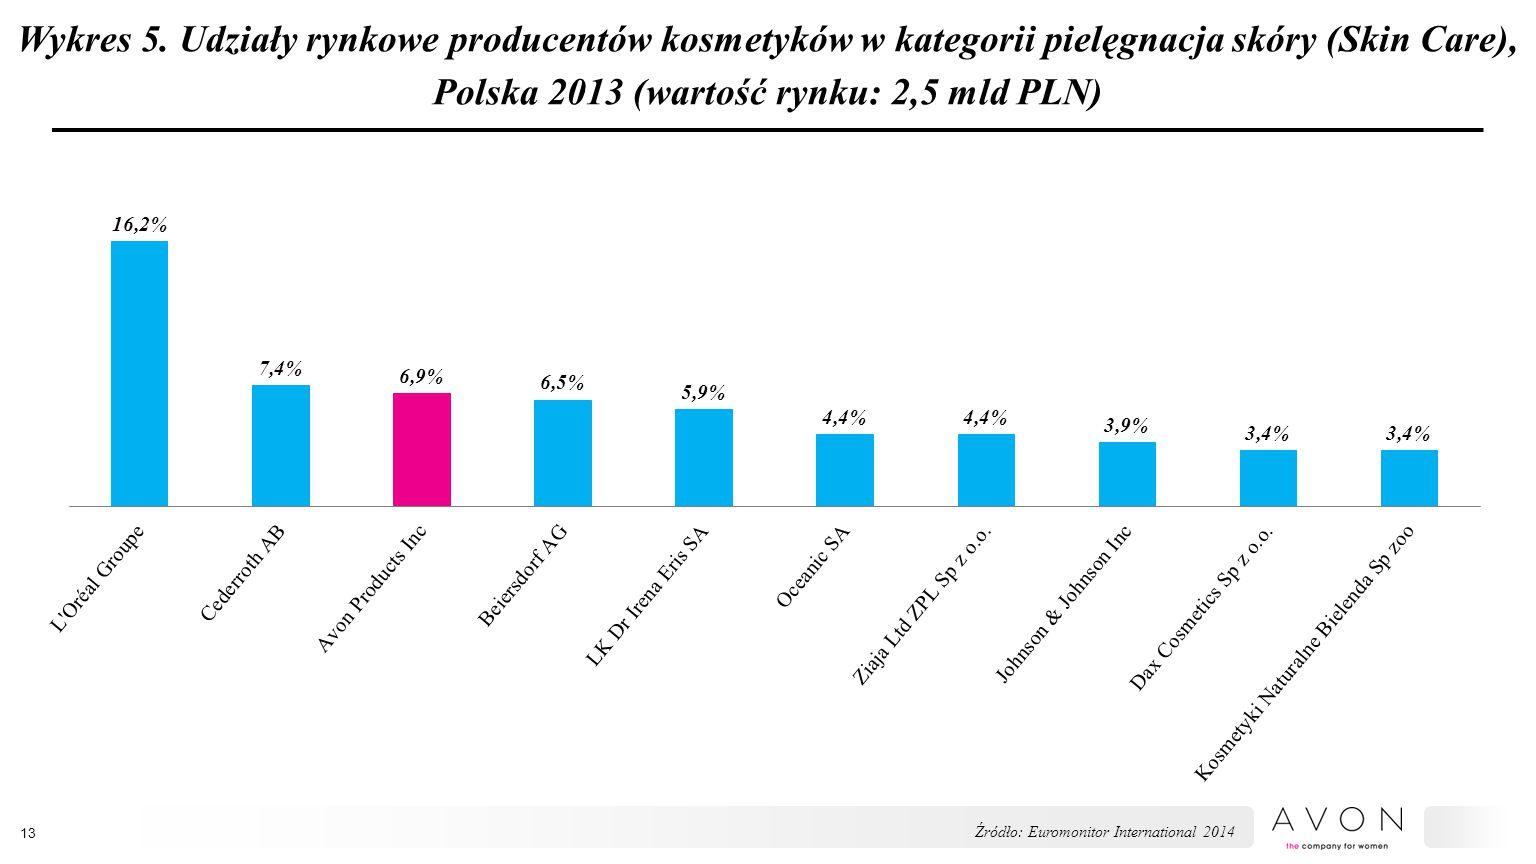 Wykres 5. Udziały rynkowe producentów kosmetyków w kategorii pielęgnacja skóry (Skin Care), Polska 2013 (wartość rynku: 2,5 mld PLN) 13 Źródło: Euromo